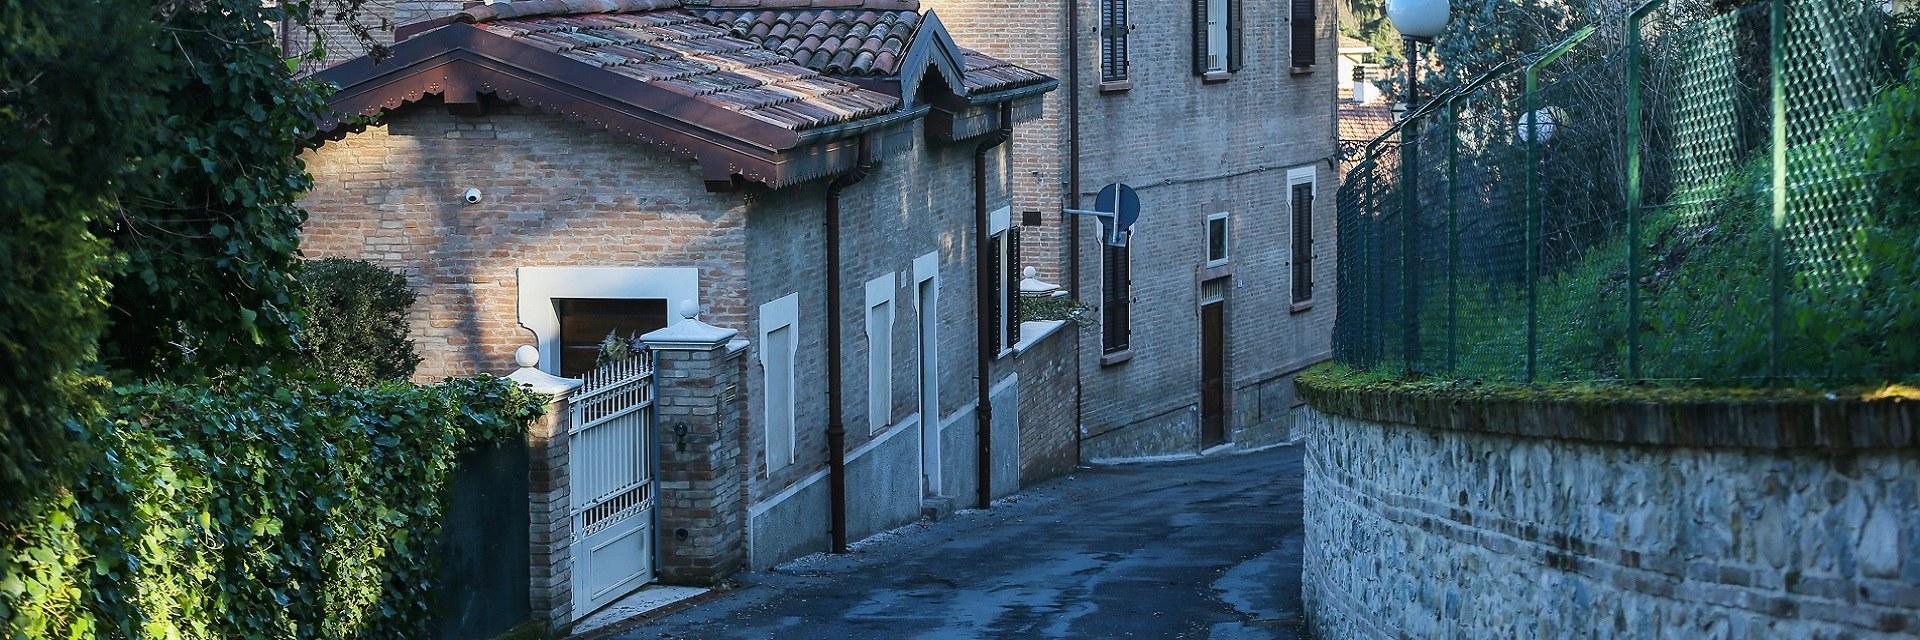 Borgo storico di Fiorano